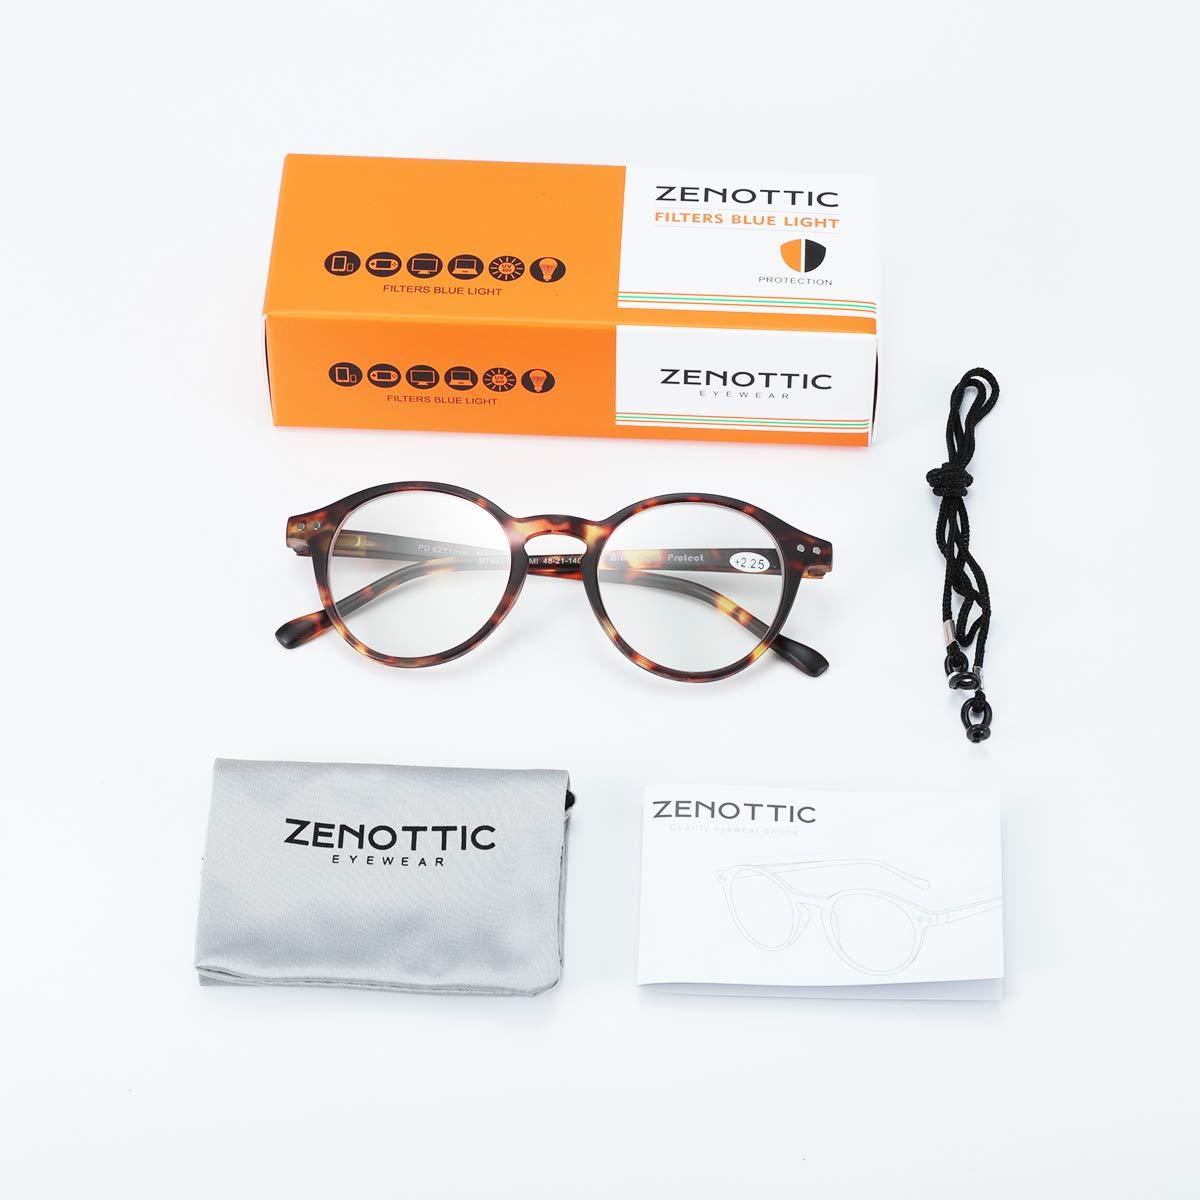 Zenottic Gafas de Lectura de Bloqueo de Luz Azul Lentes Antirreflejos Gafas Retro de Ligero Marco Redondo para Hombres y Mujeres